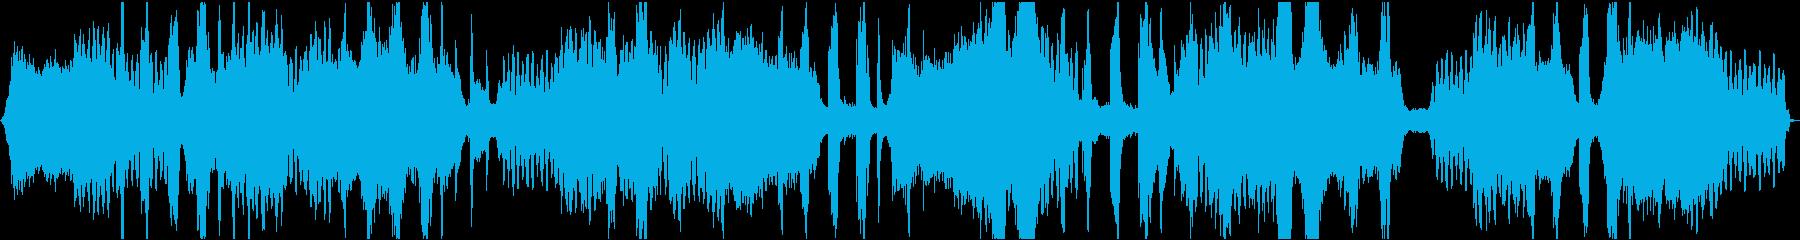 ソルフェジオ周波数入り瞑想用音楽の再生済みの波形